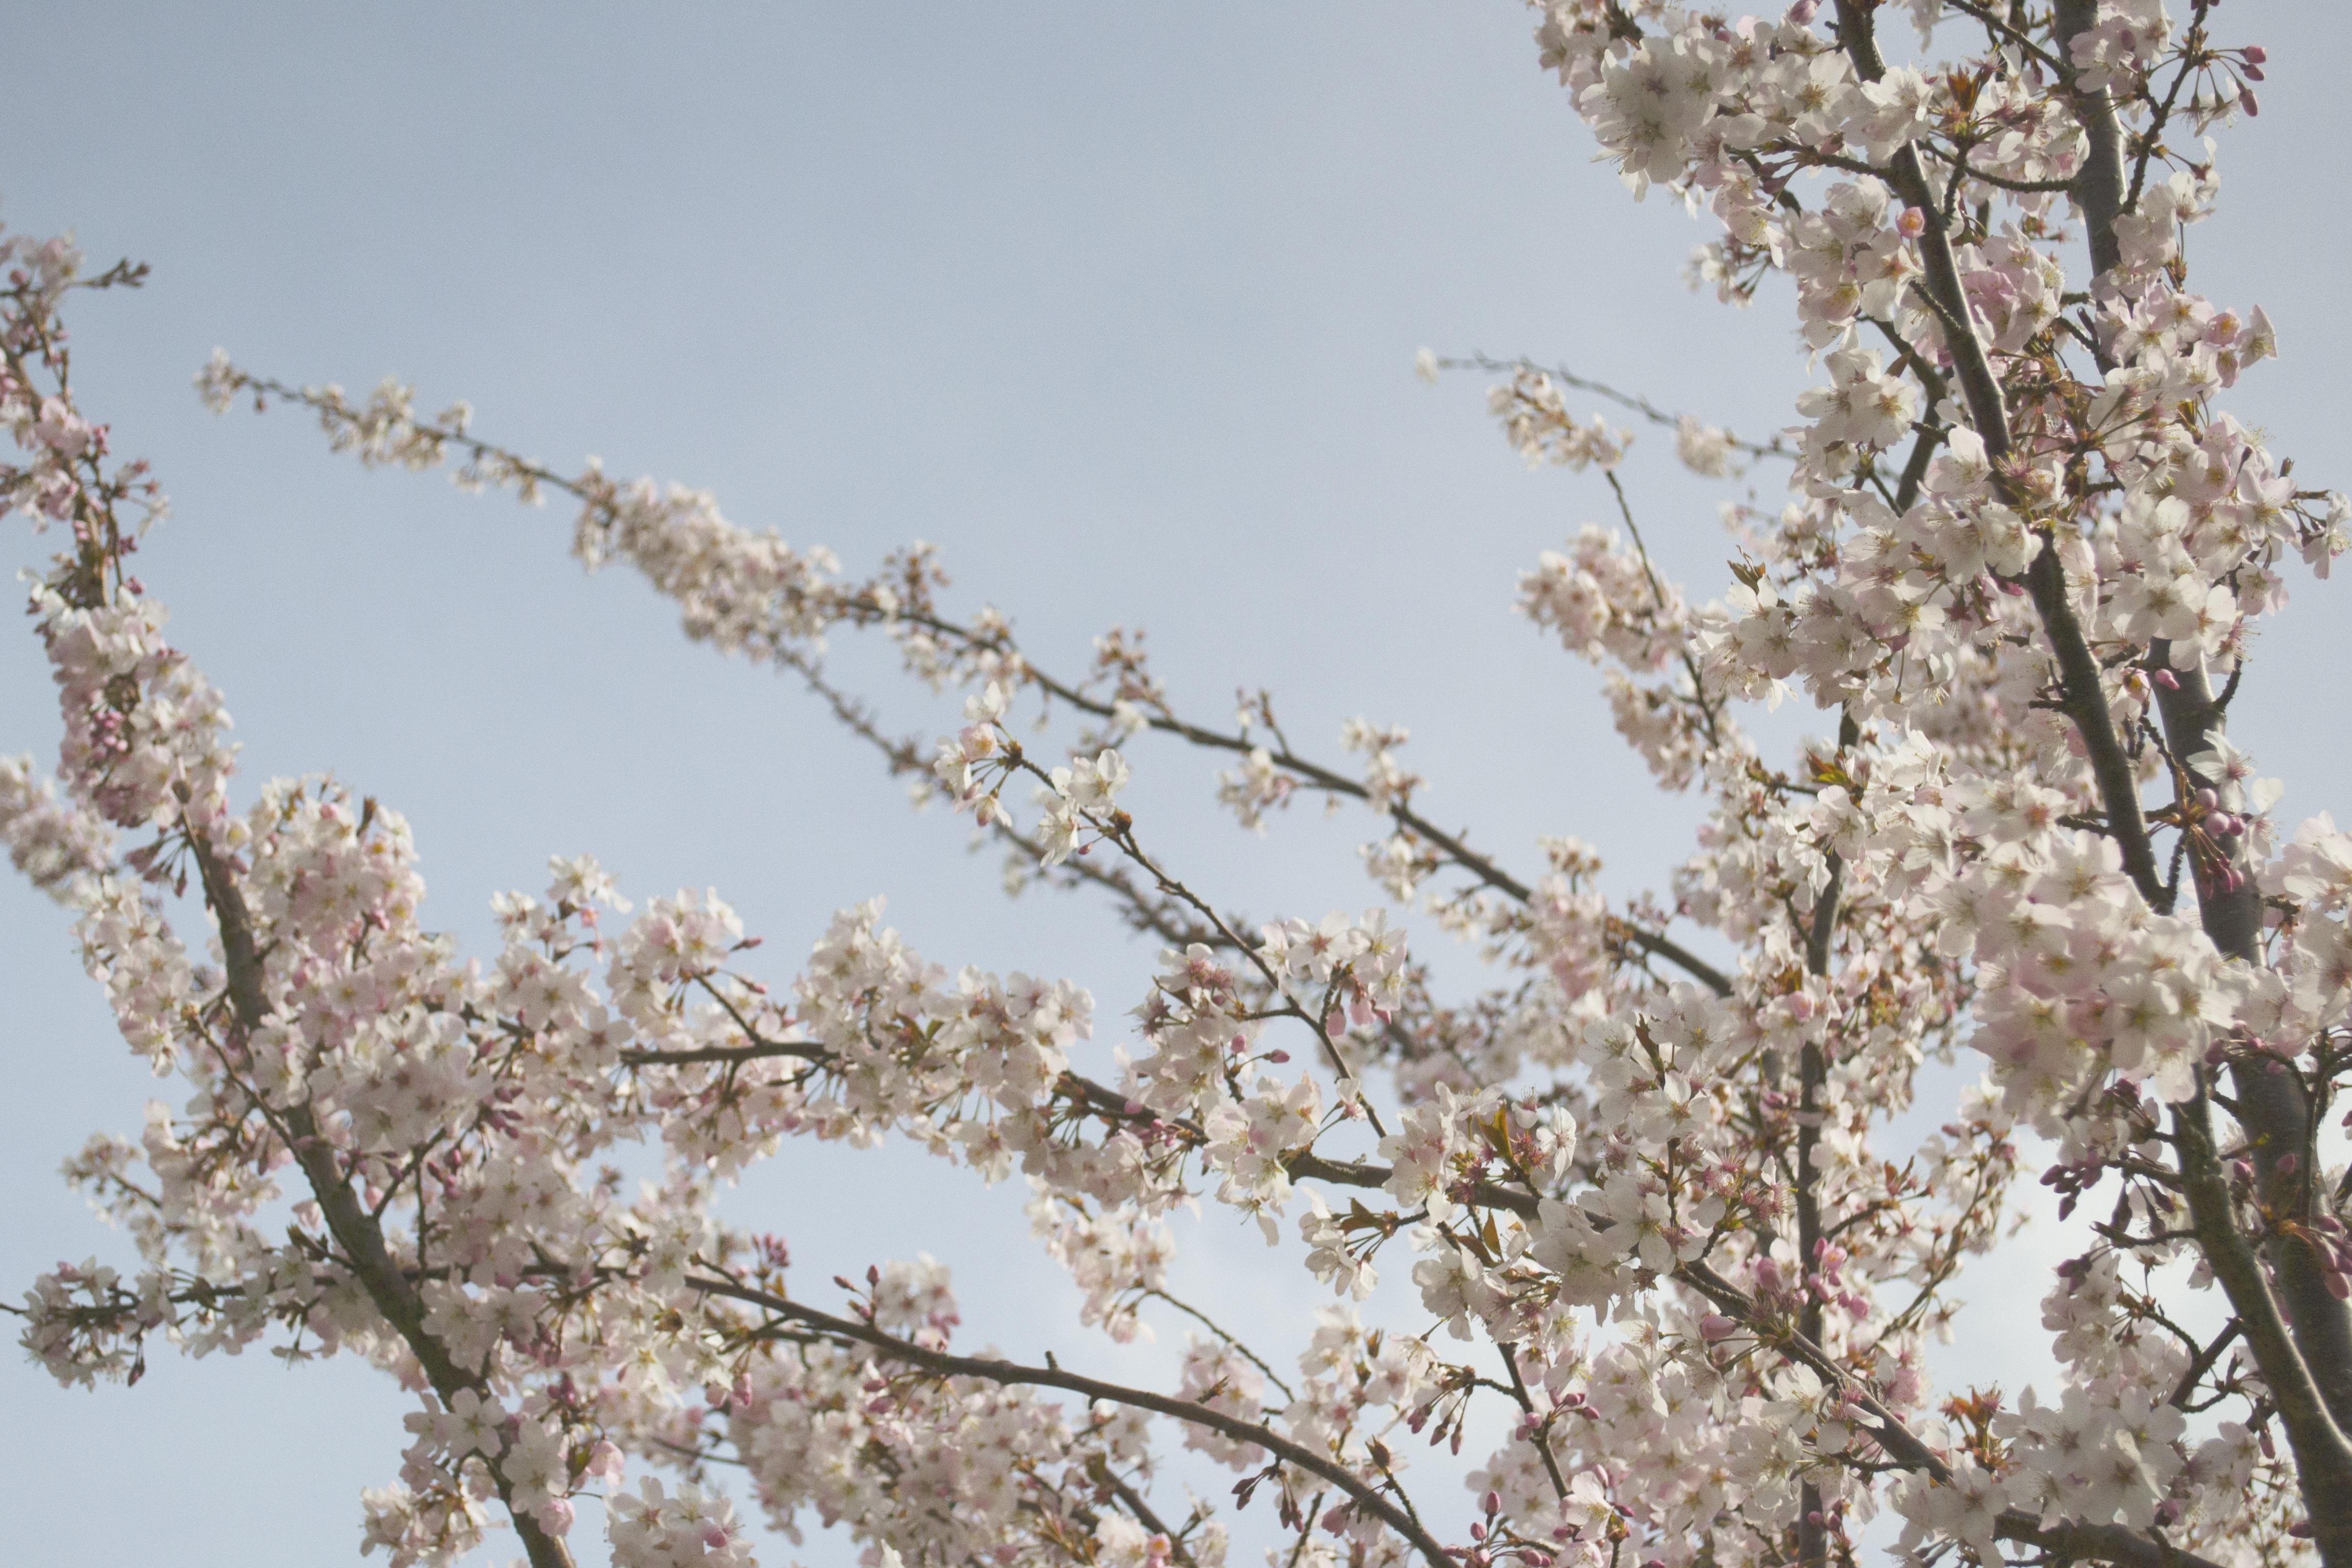 Images Gratuites Arbre Branche Blanc Floraison Printemps